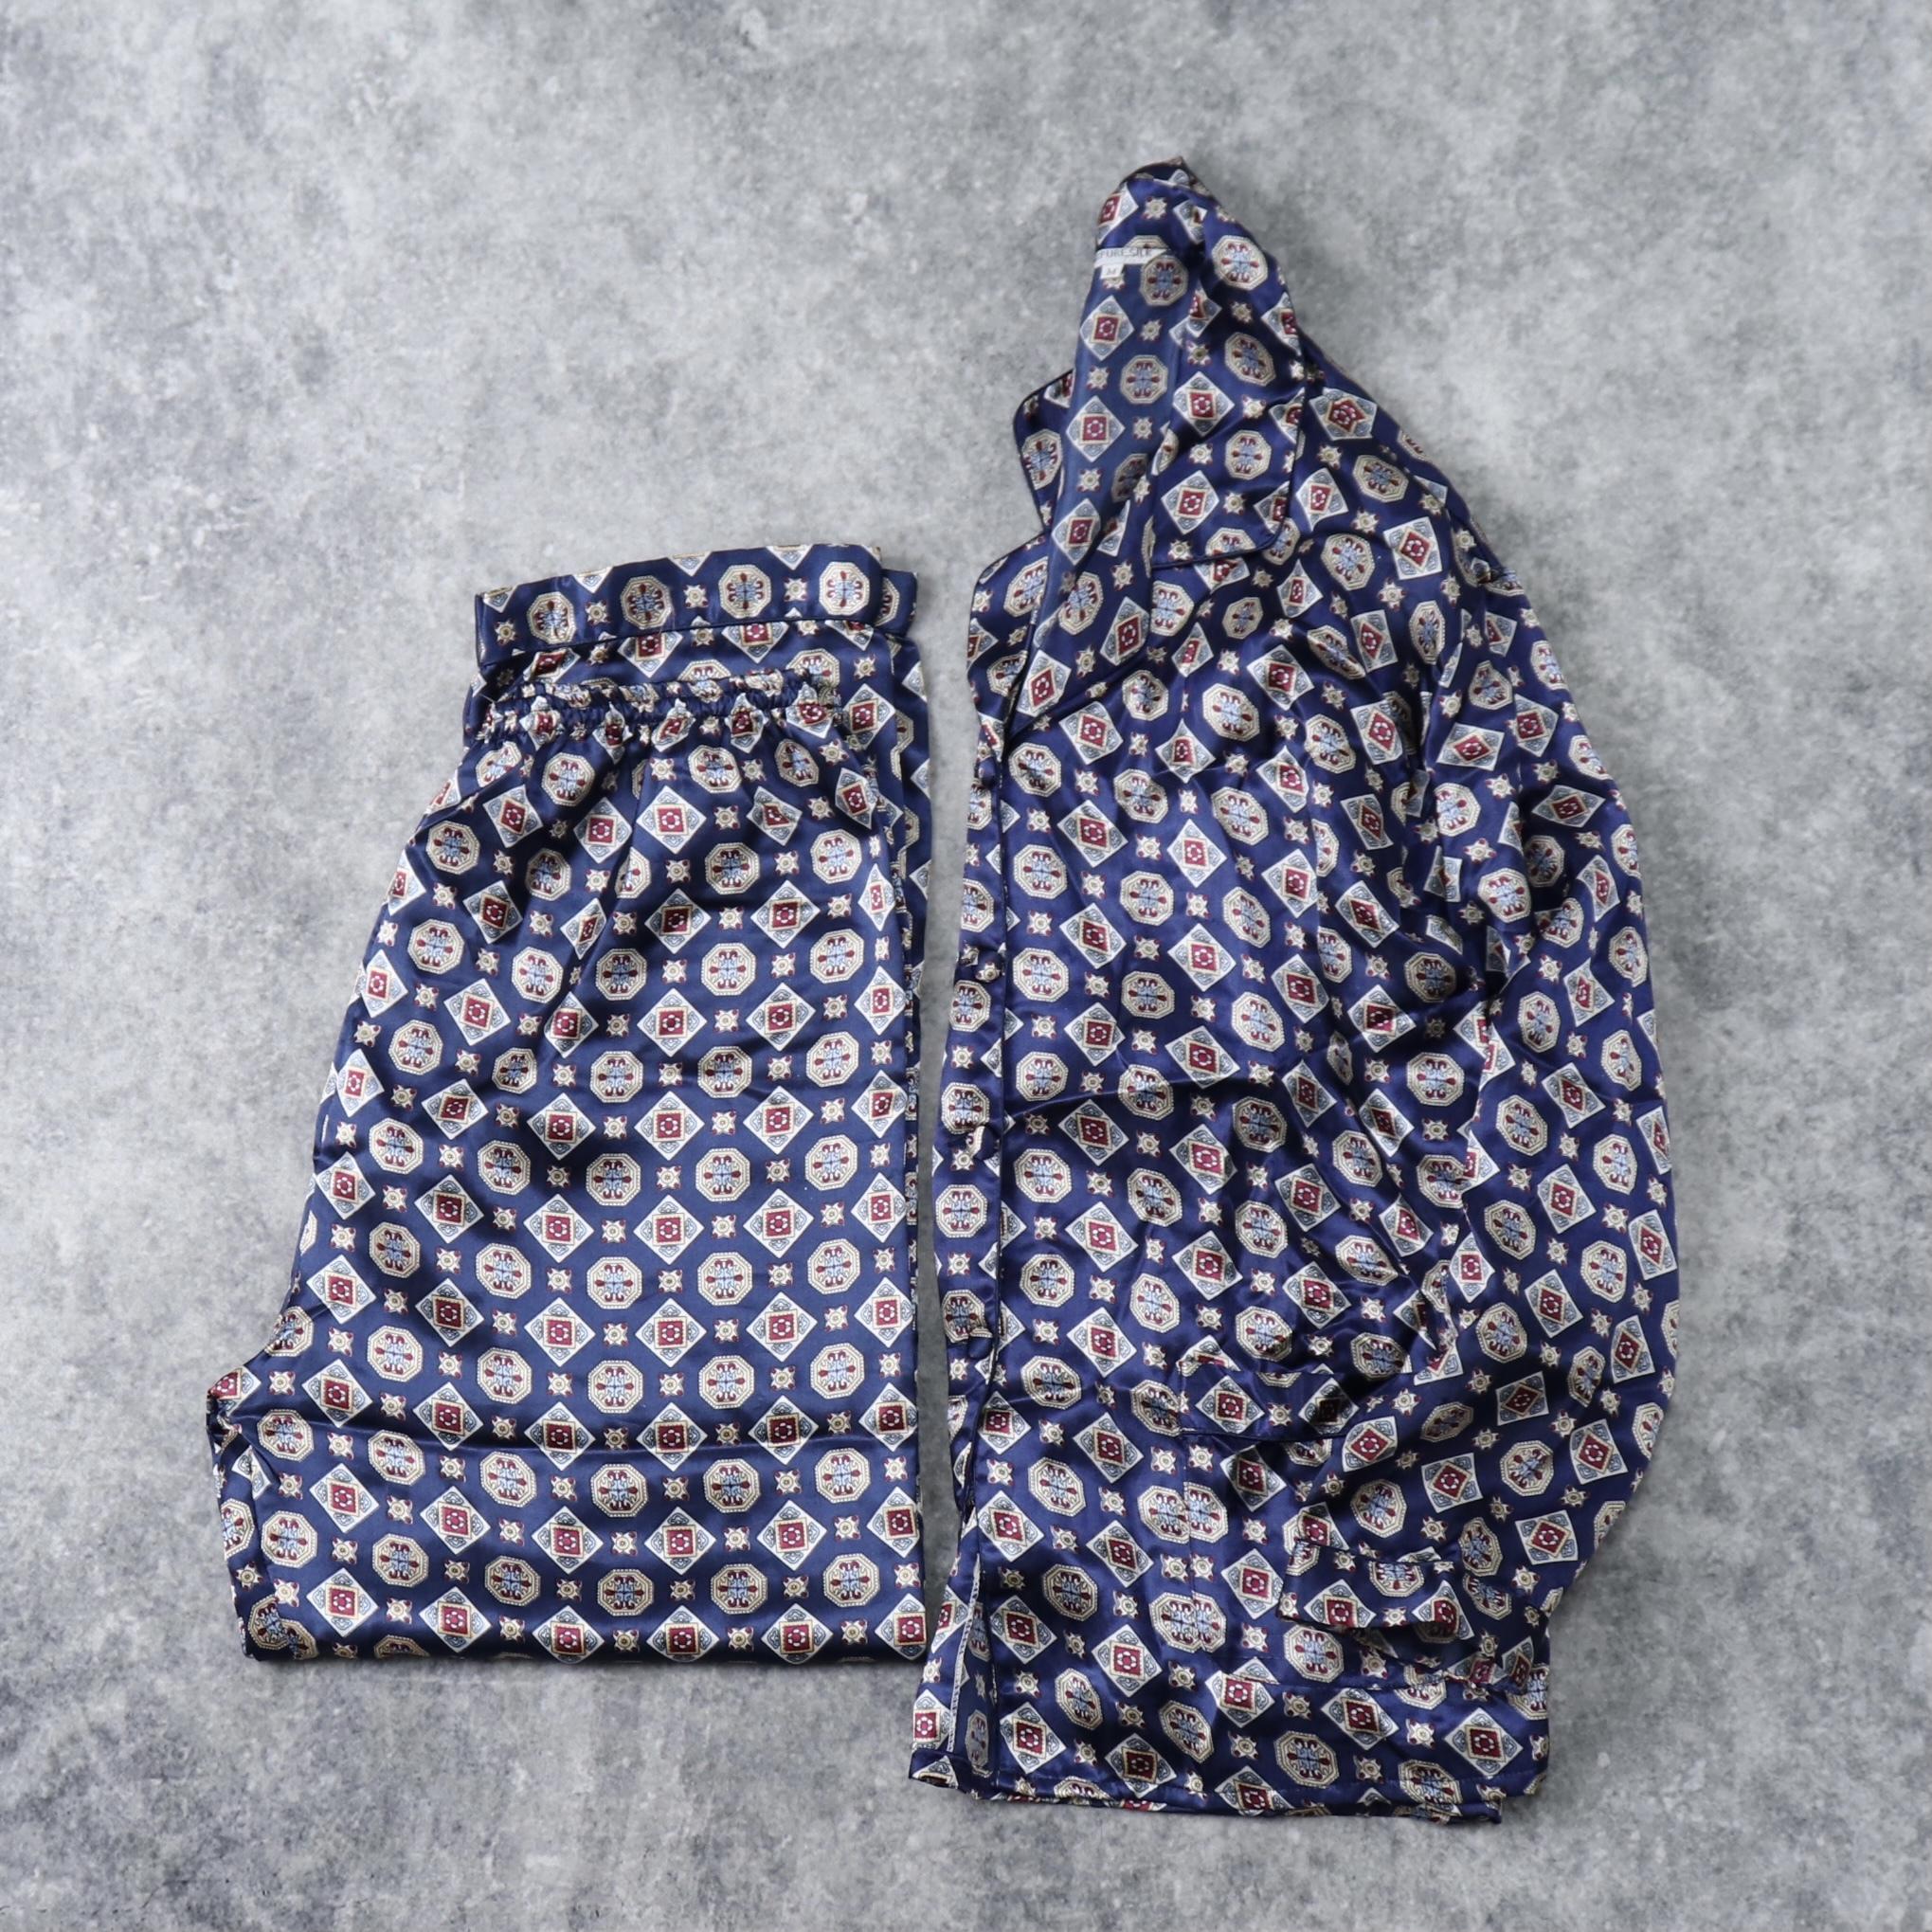 90年代 小紋柄 パジャマ シルク100% M 古着 A36